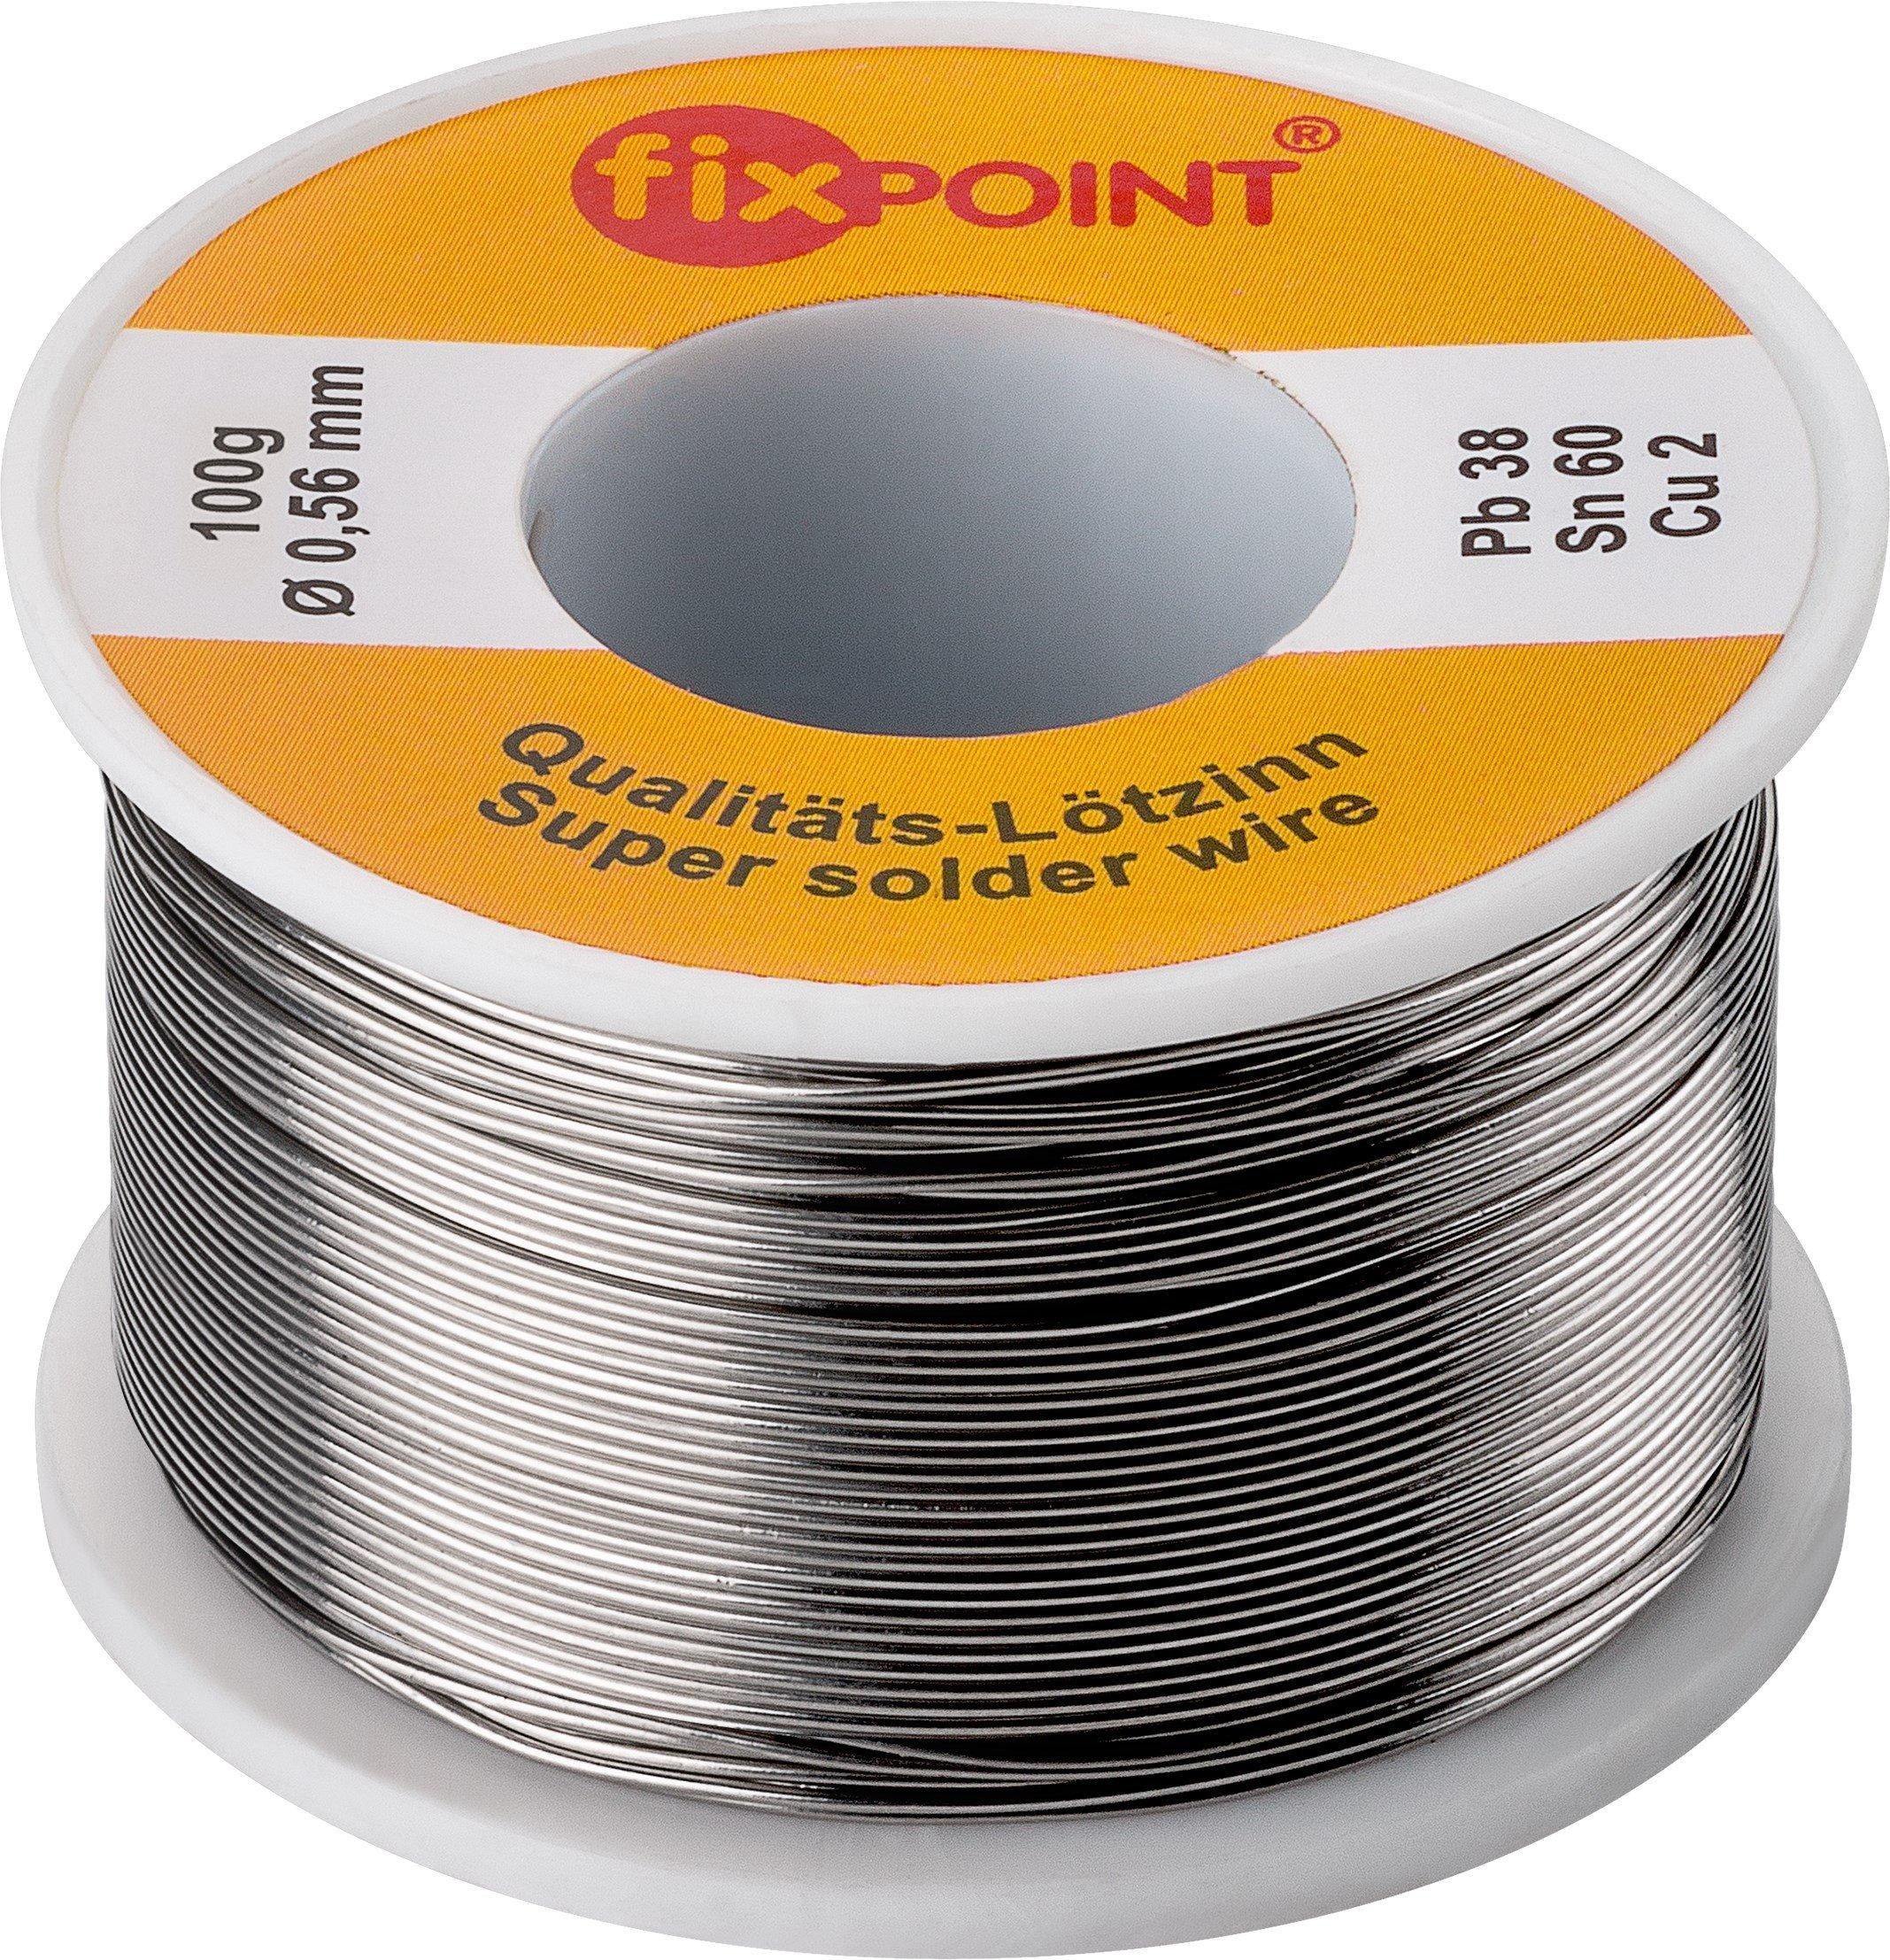 Fixpoint WT-51062 Rotolo Stagno per Saldatura, 100 gr, Diametro 0,56 mm, Argento, 1 pz. product image